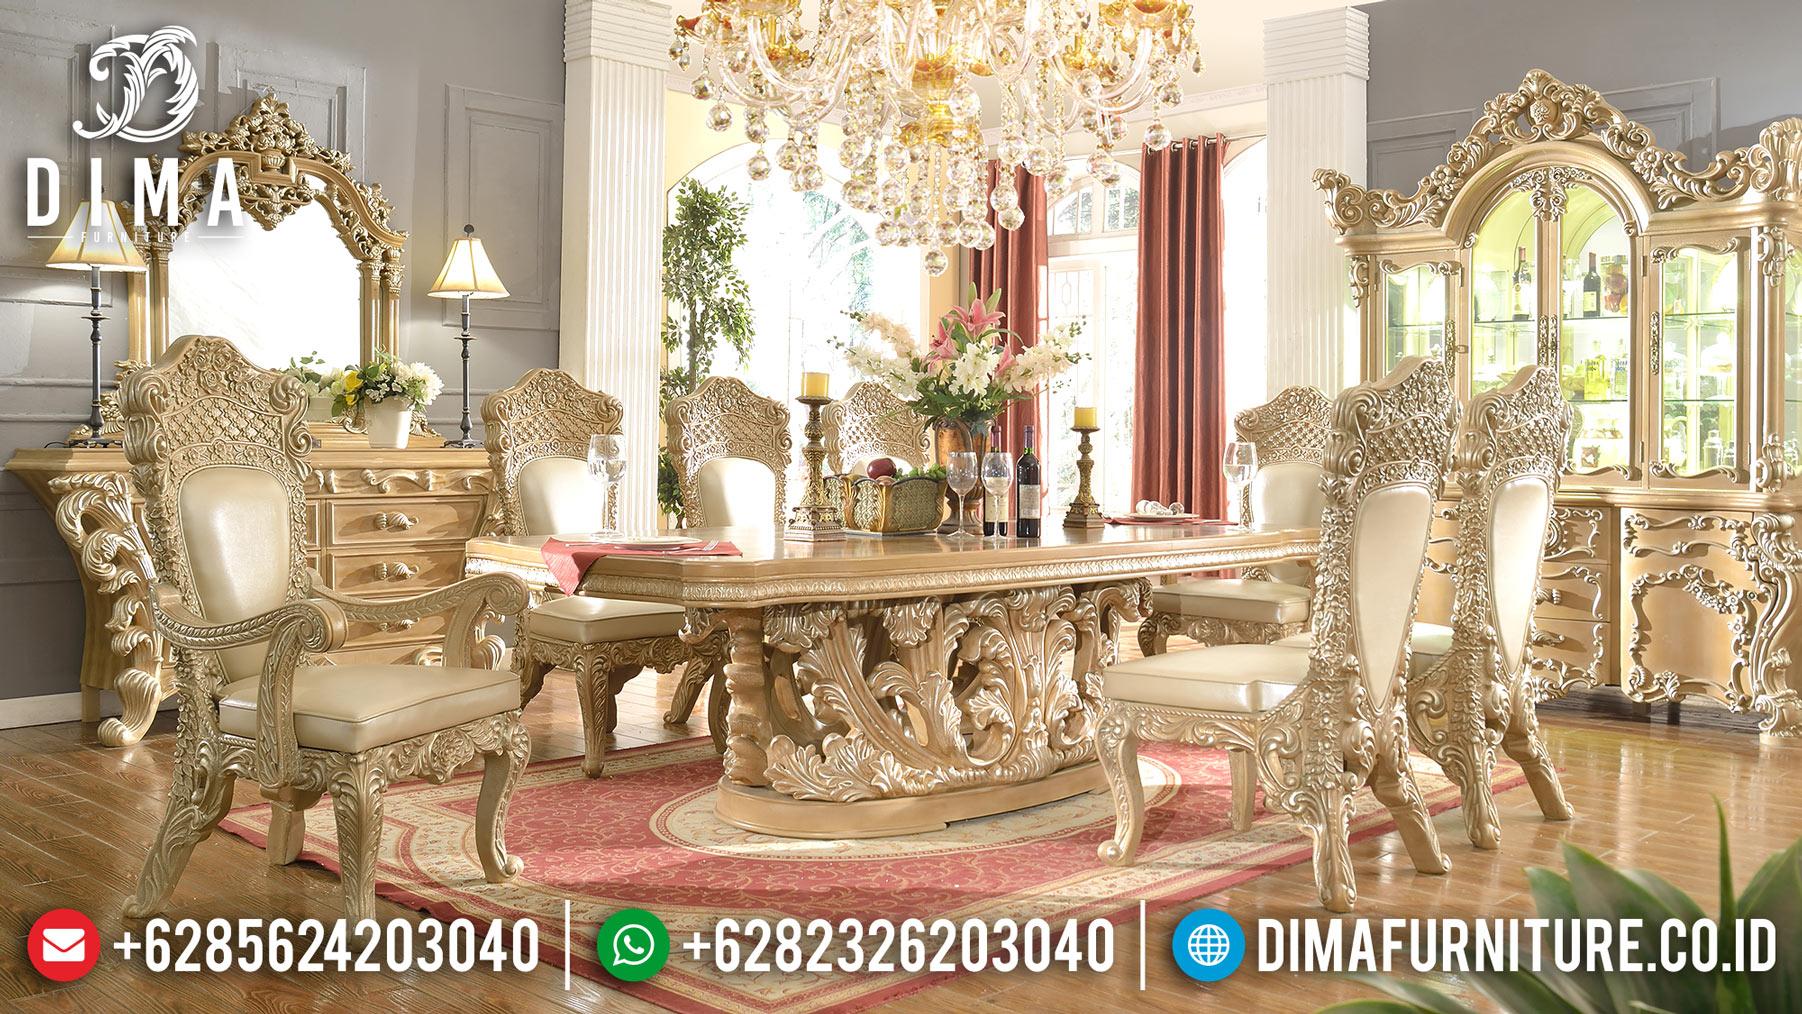 Meja Makan Mewah Jepara Terbaru 2018 04 Dima Furniture Jepara